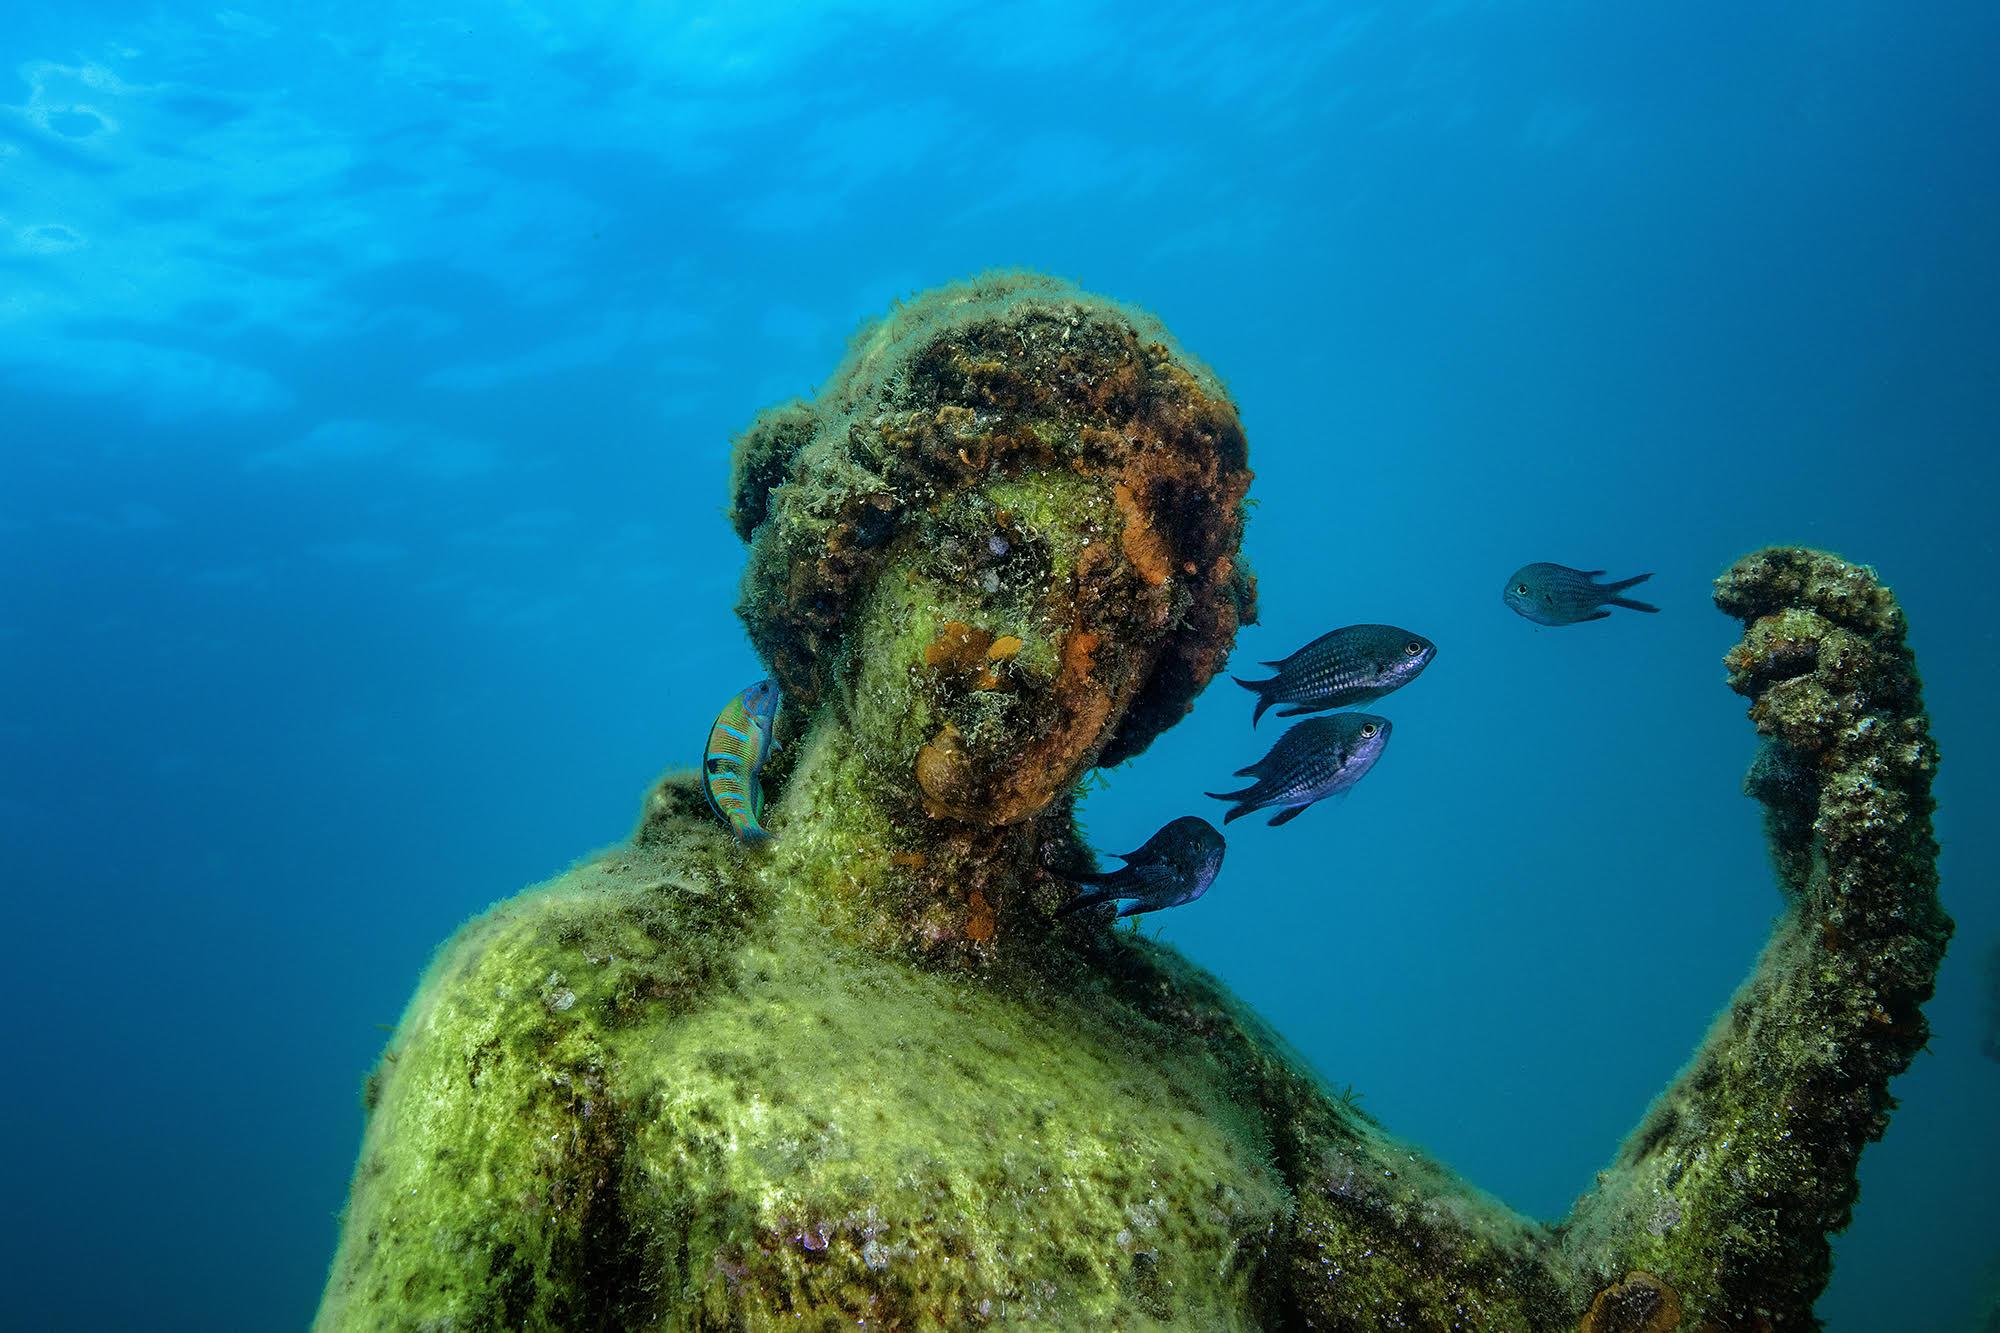 Subscatti, mostra di fotografia subacquea dal 10 al 14 novembre ingresso gratuito